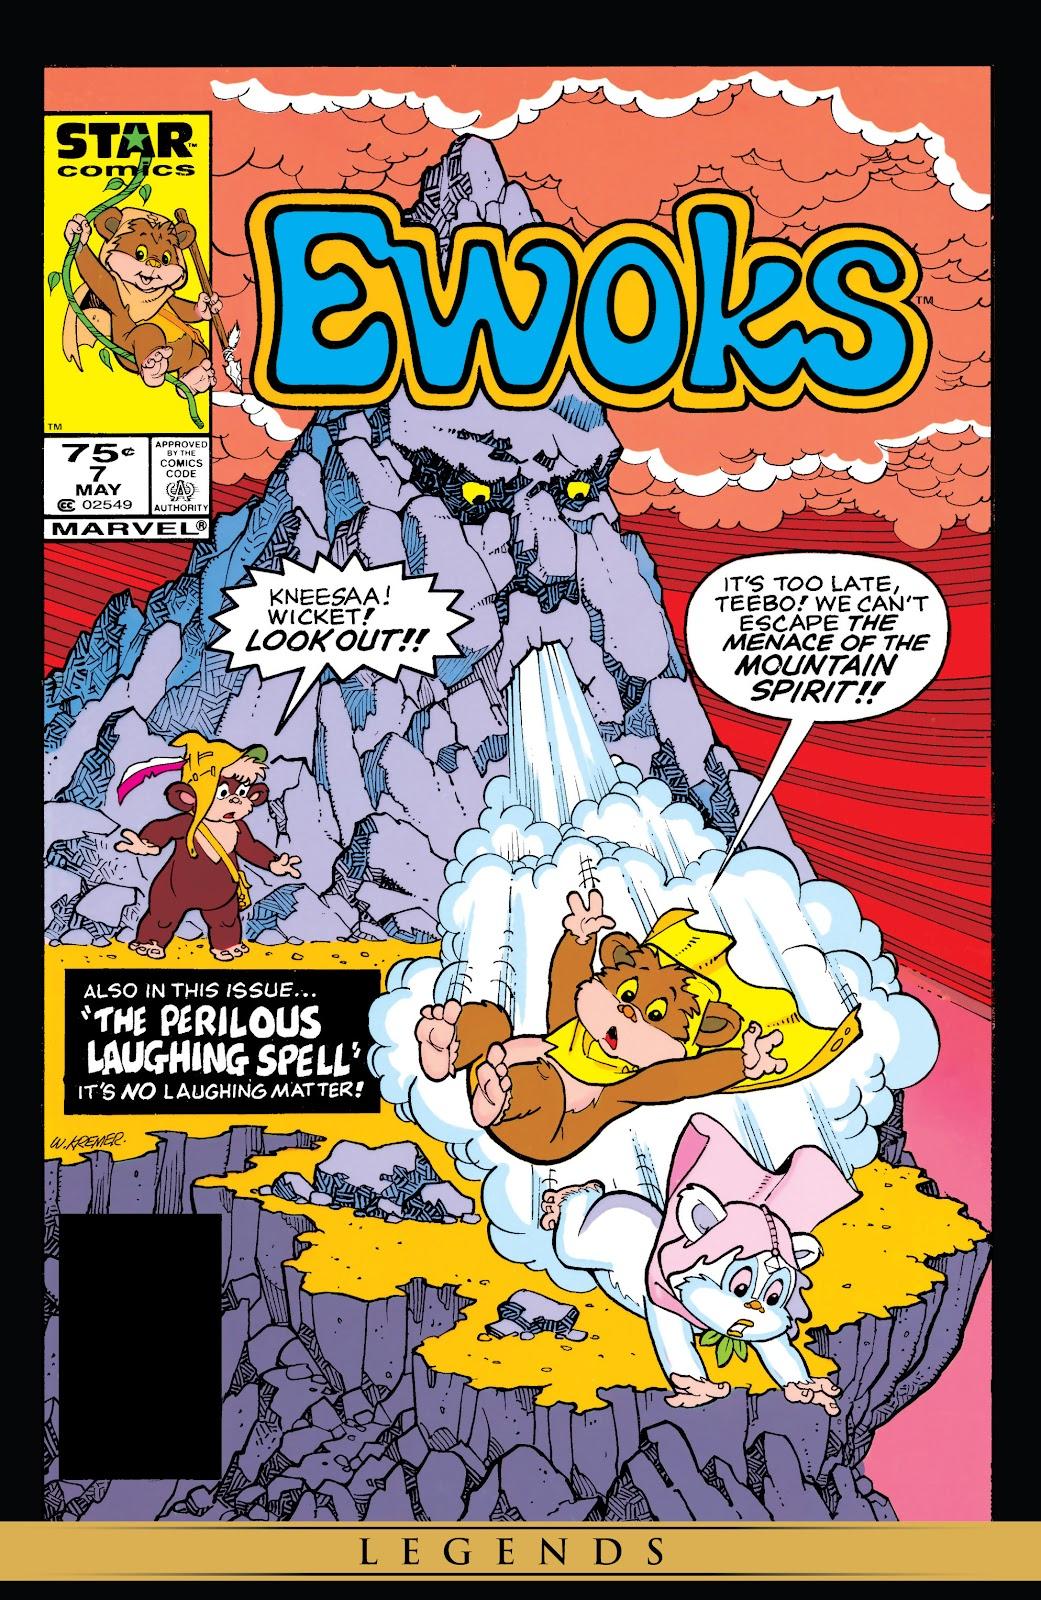 Ewoks 7 Page 1